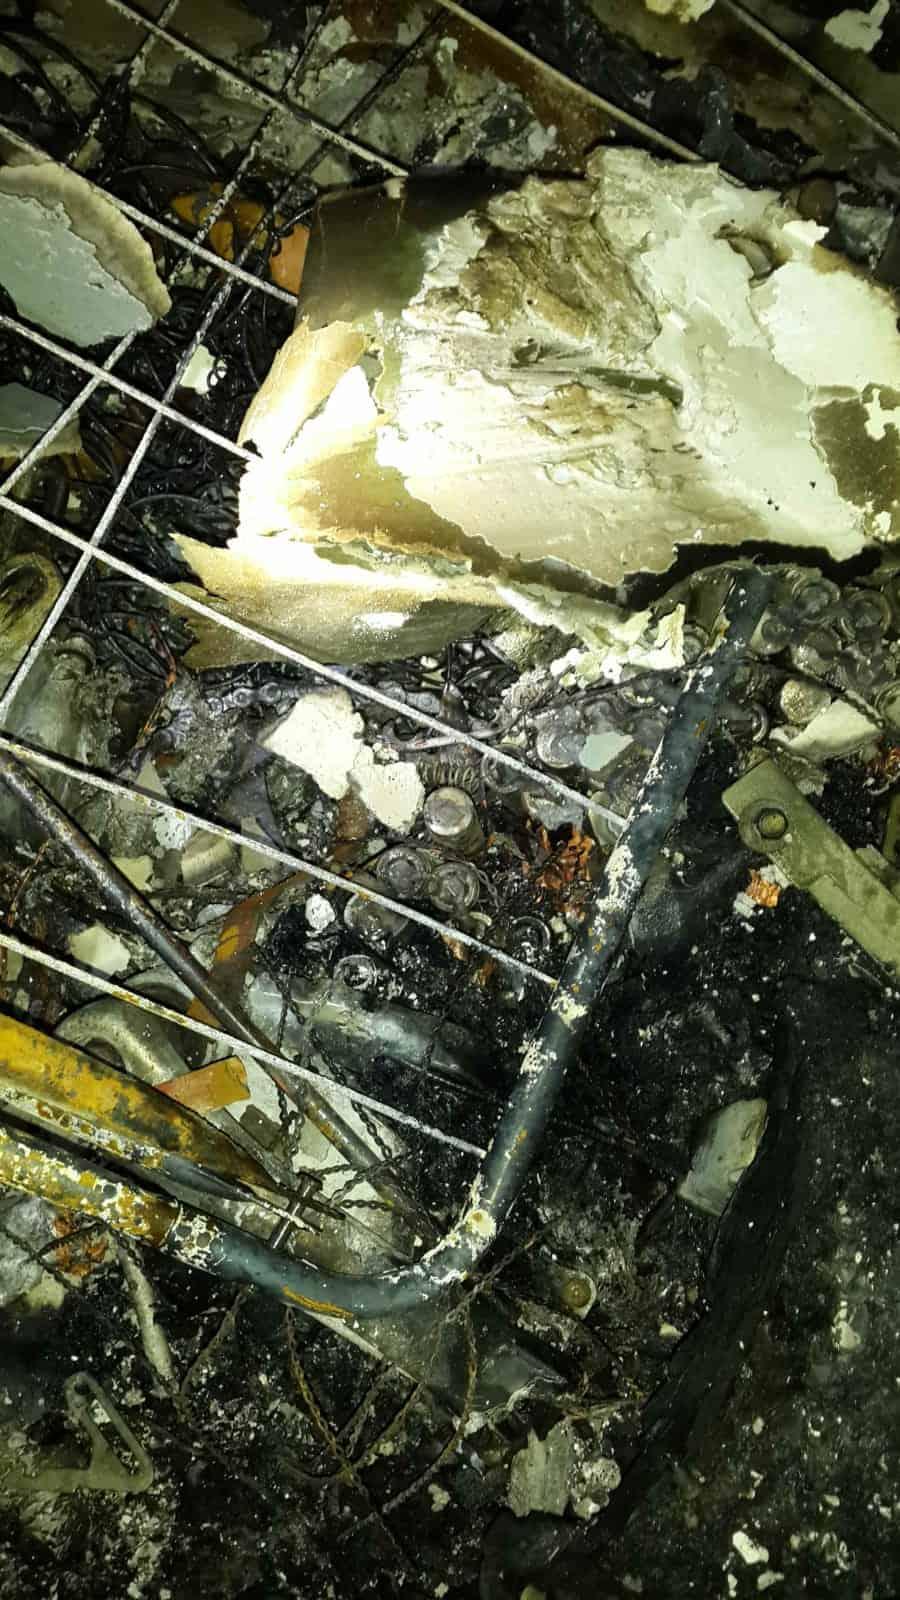 רק במזל לא היו נפגעים בנפש, צילום: באדיבות דוברות לוחמי אש חולון